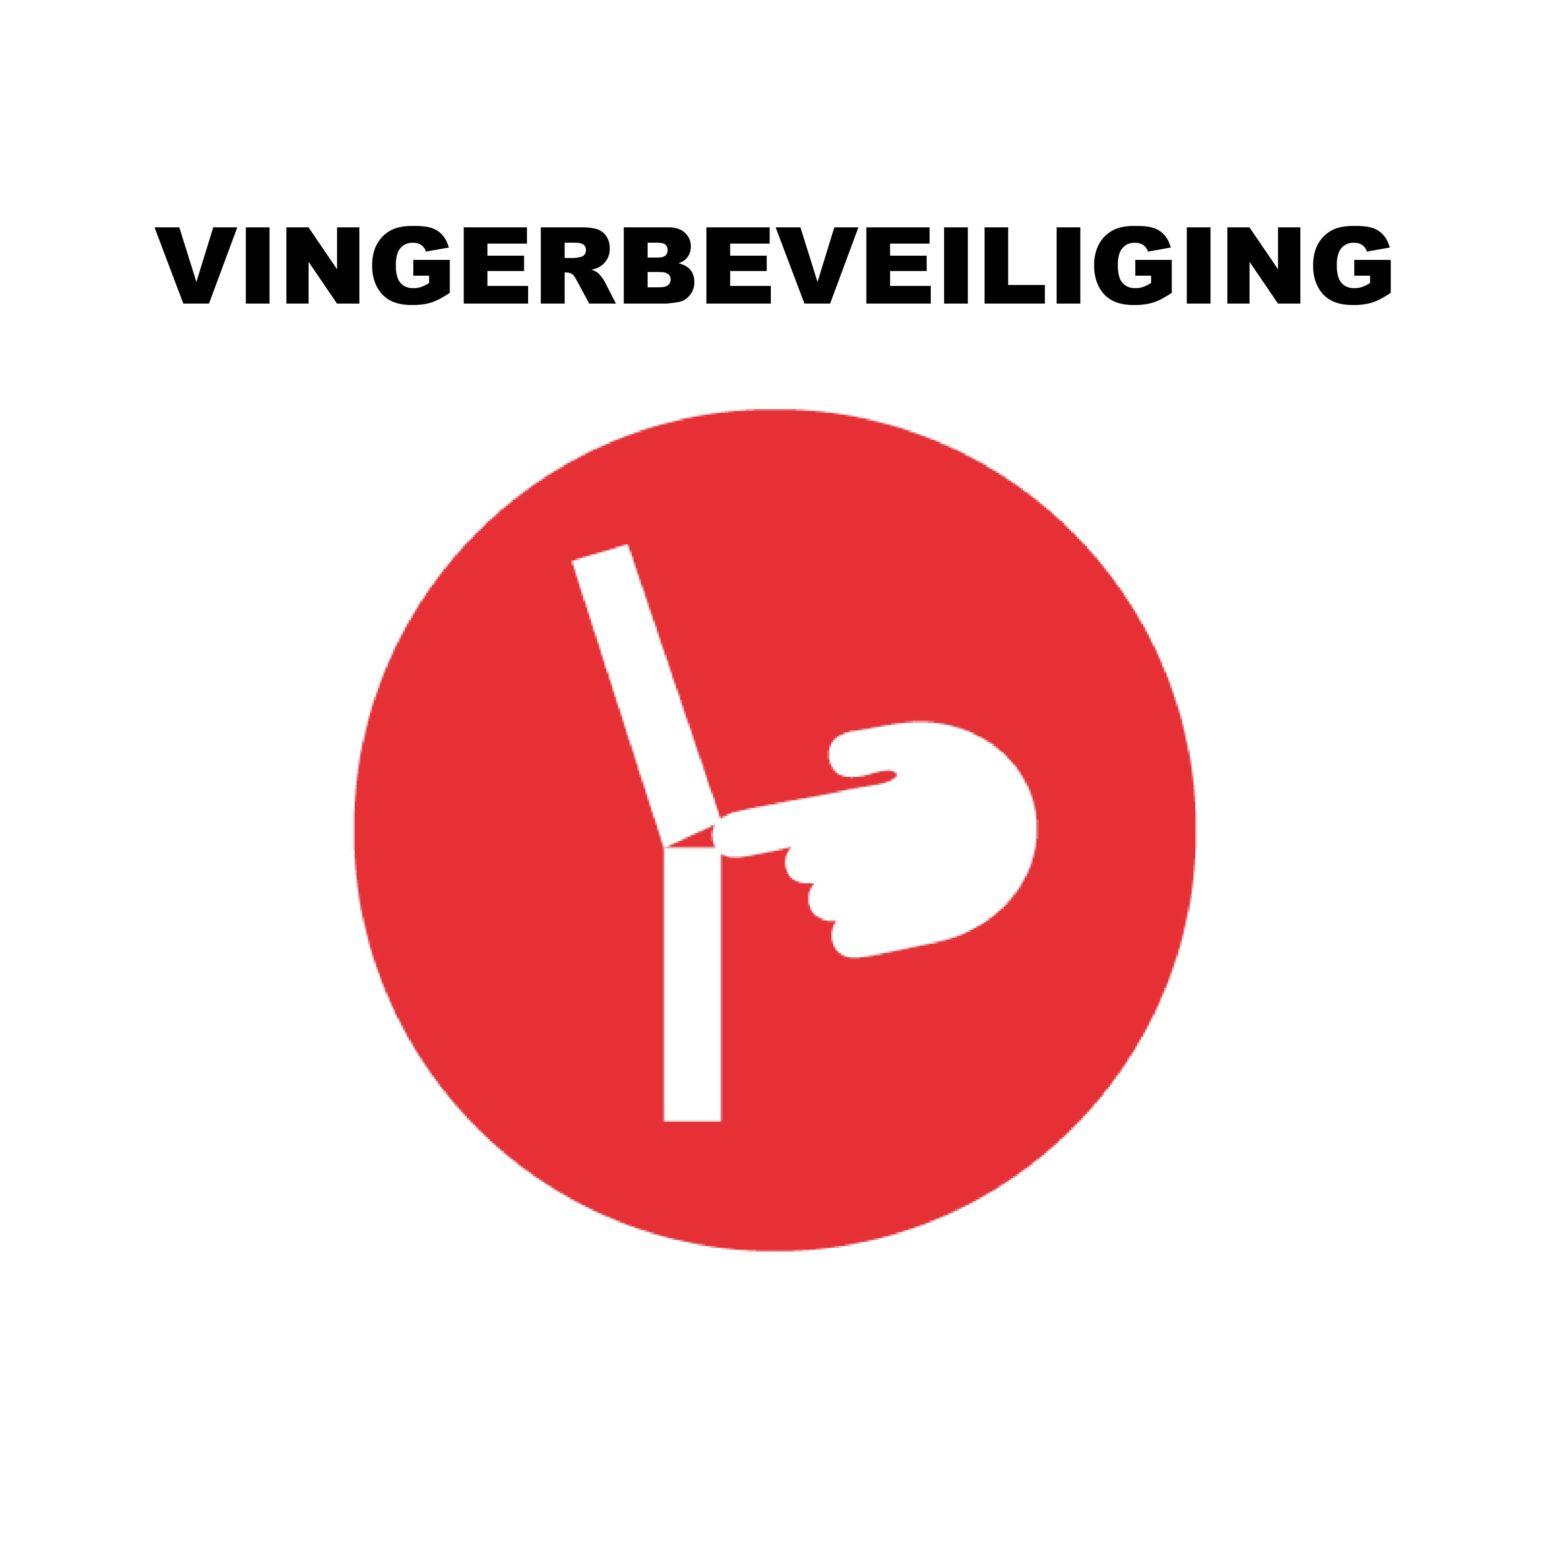 vingerbeveiliging icoon